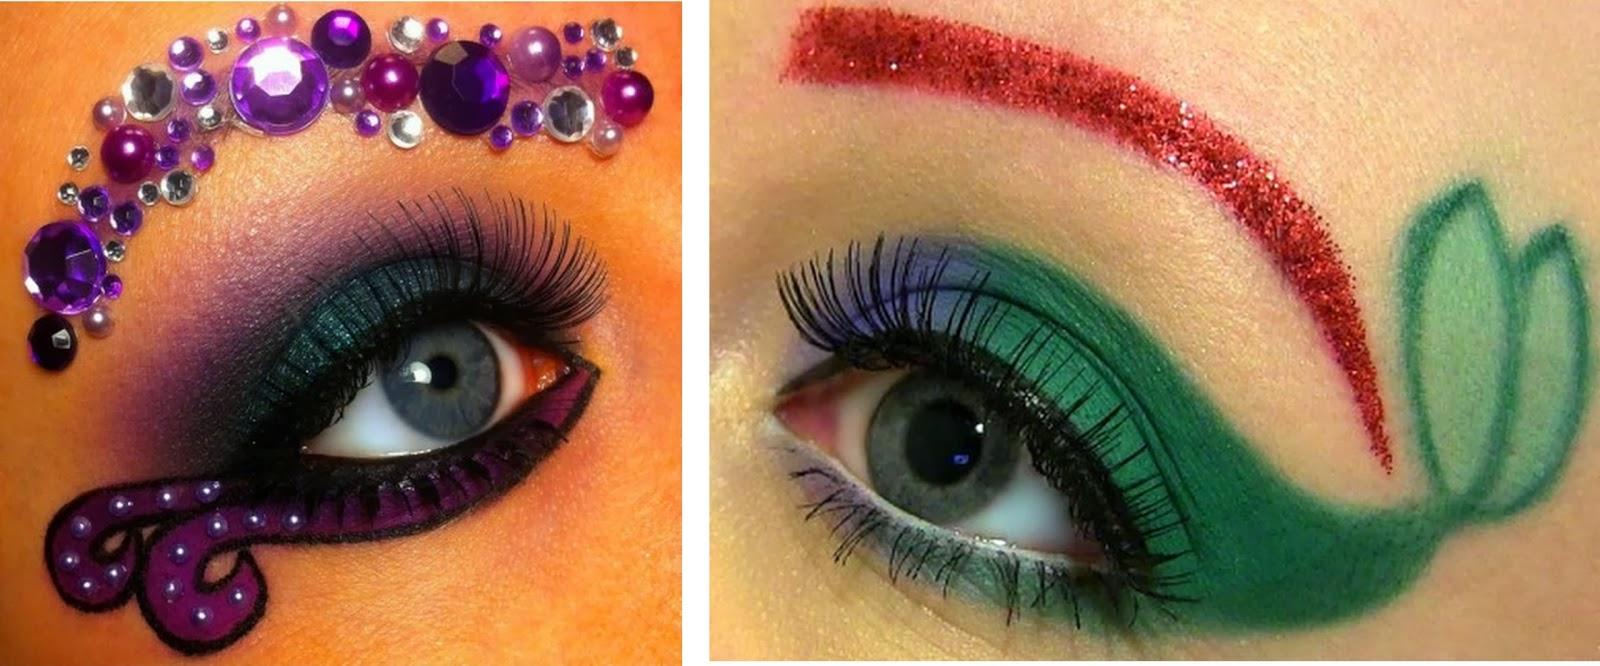 Maquillaje inspirado en la Sirenita y Úrsula. Tutorial.